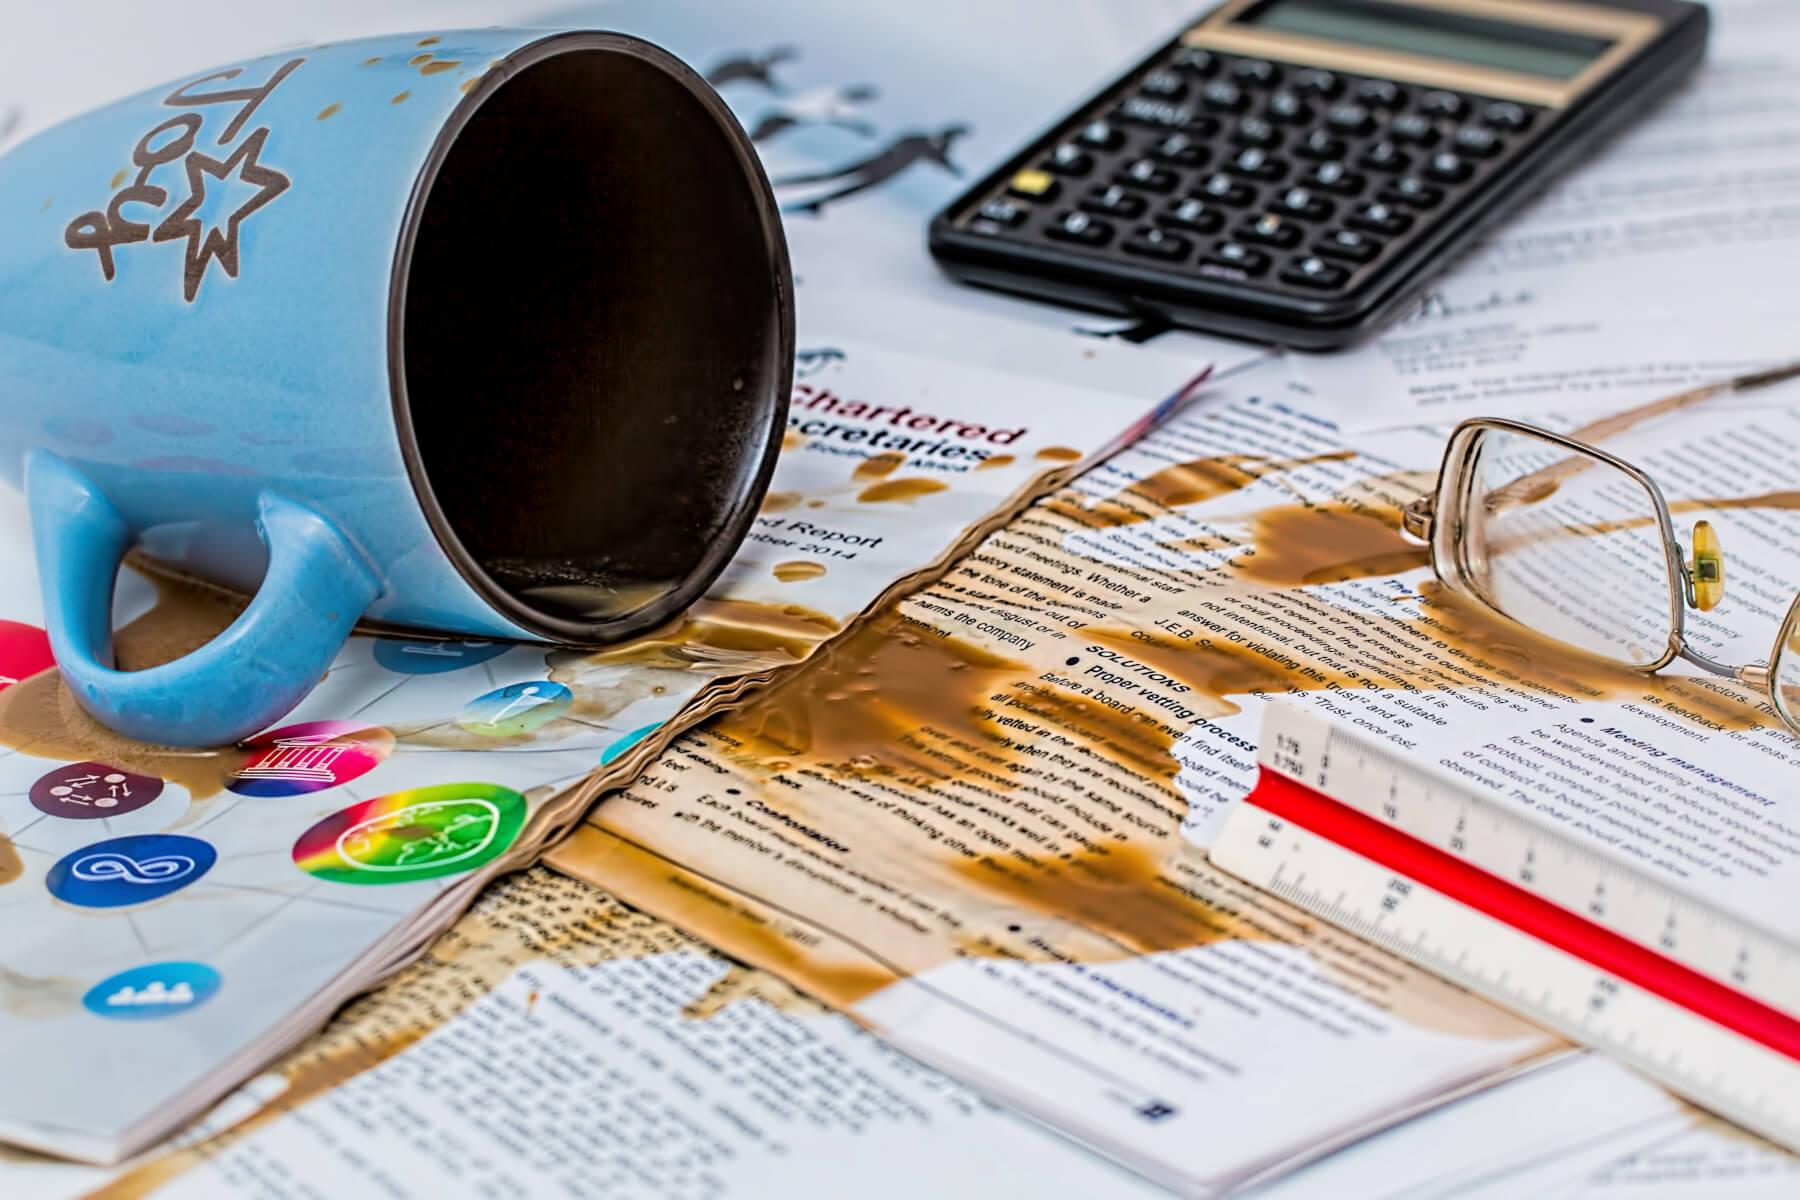 Niederlagen als Sprungbrett: Wie du als Chef von Fehlern profitierst